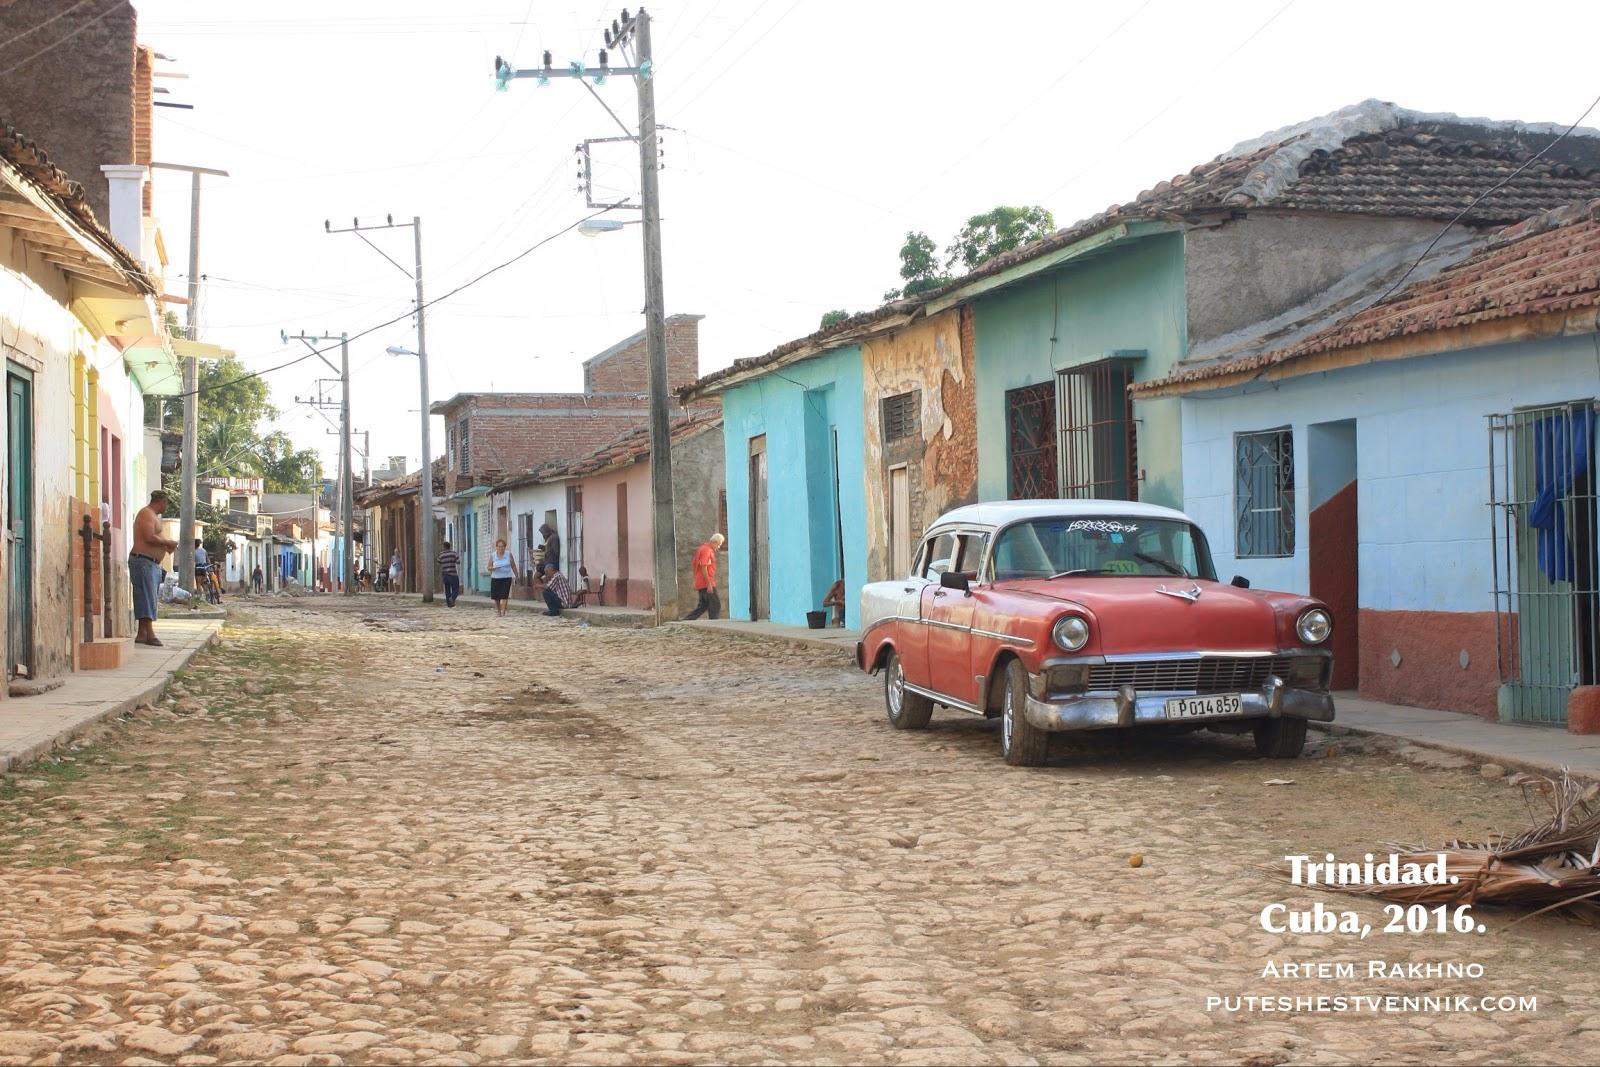 Красная машина на мостовой в Тринидаде